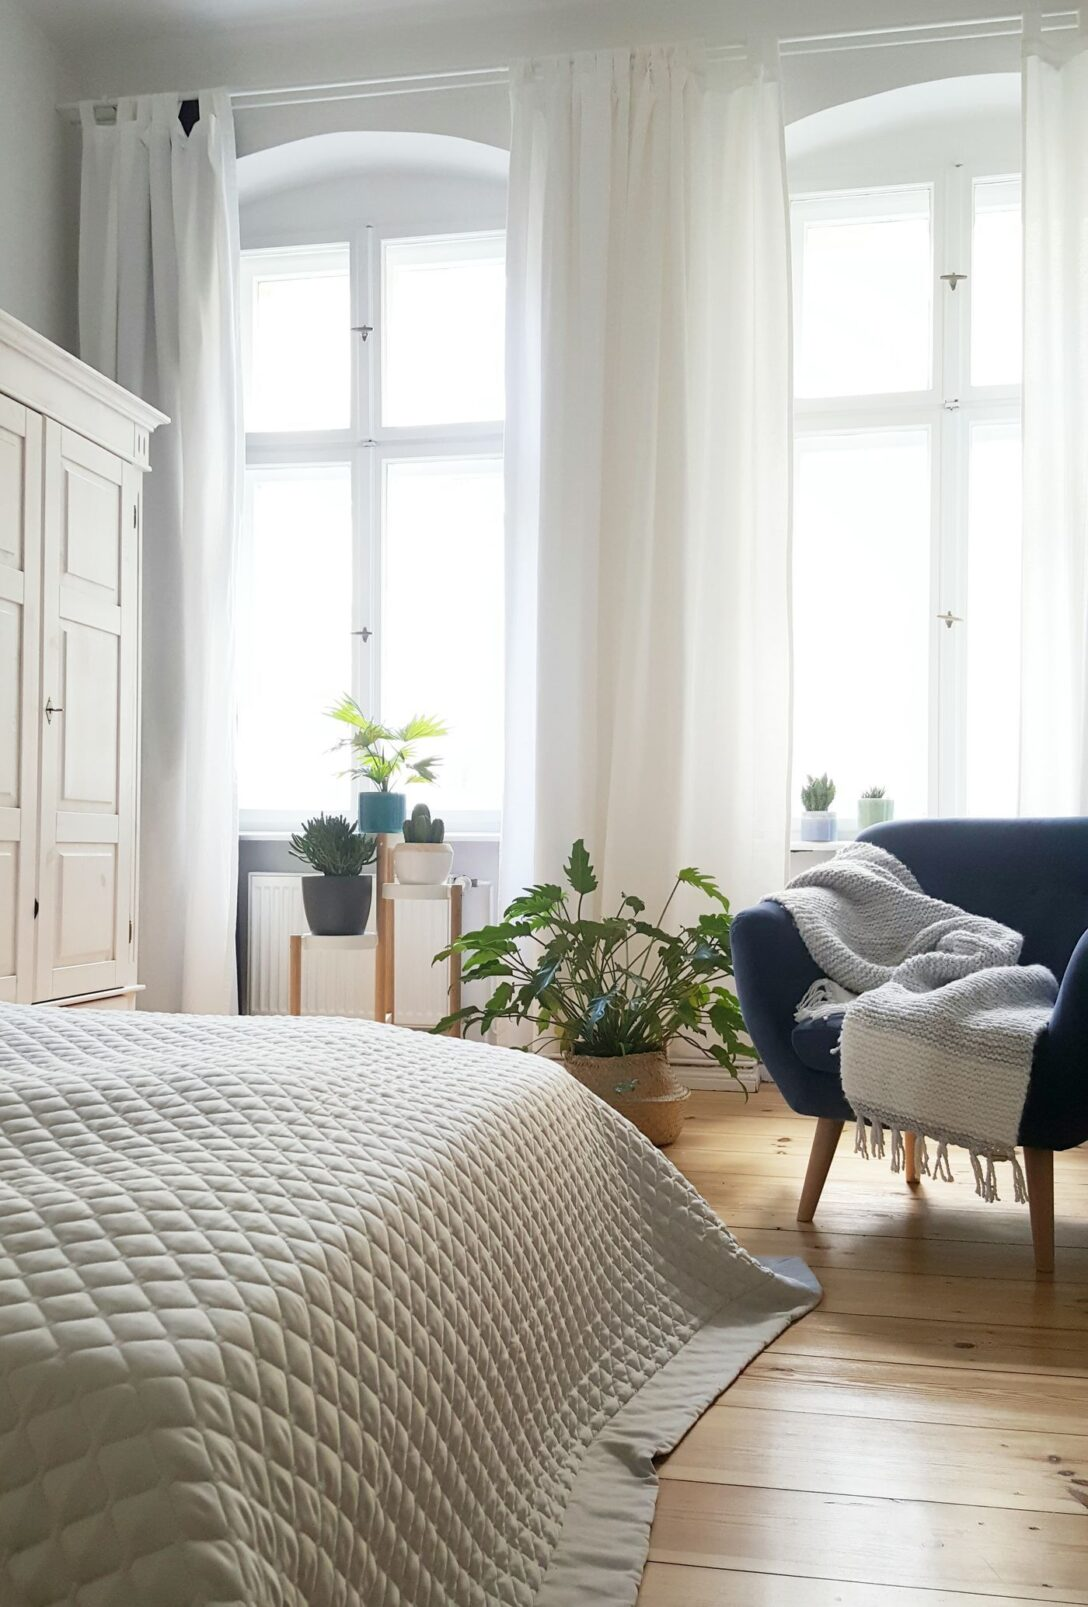 Large Size of Relaxliege Wohnzimmer Ikea Deckenleuchte Deckenleuchten Deckenlampen Für Bilder Fürs Decke Landhausstil Stehlampe Tisch Hängeschrank Weiß Hochglanz Sessel Wohnzimmer Relaxliege Wohnzimmer Ikea